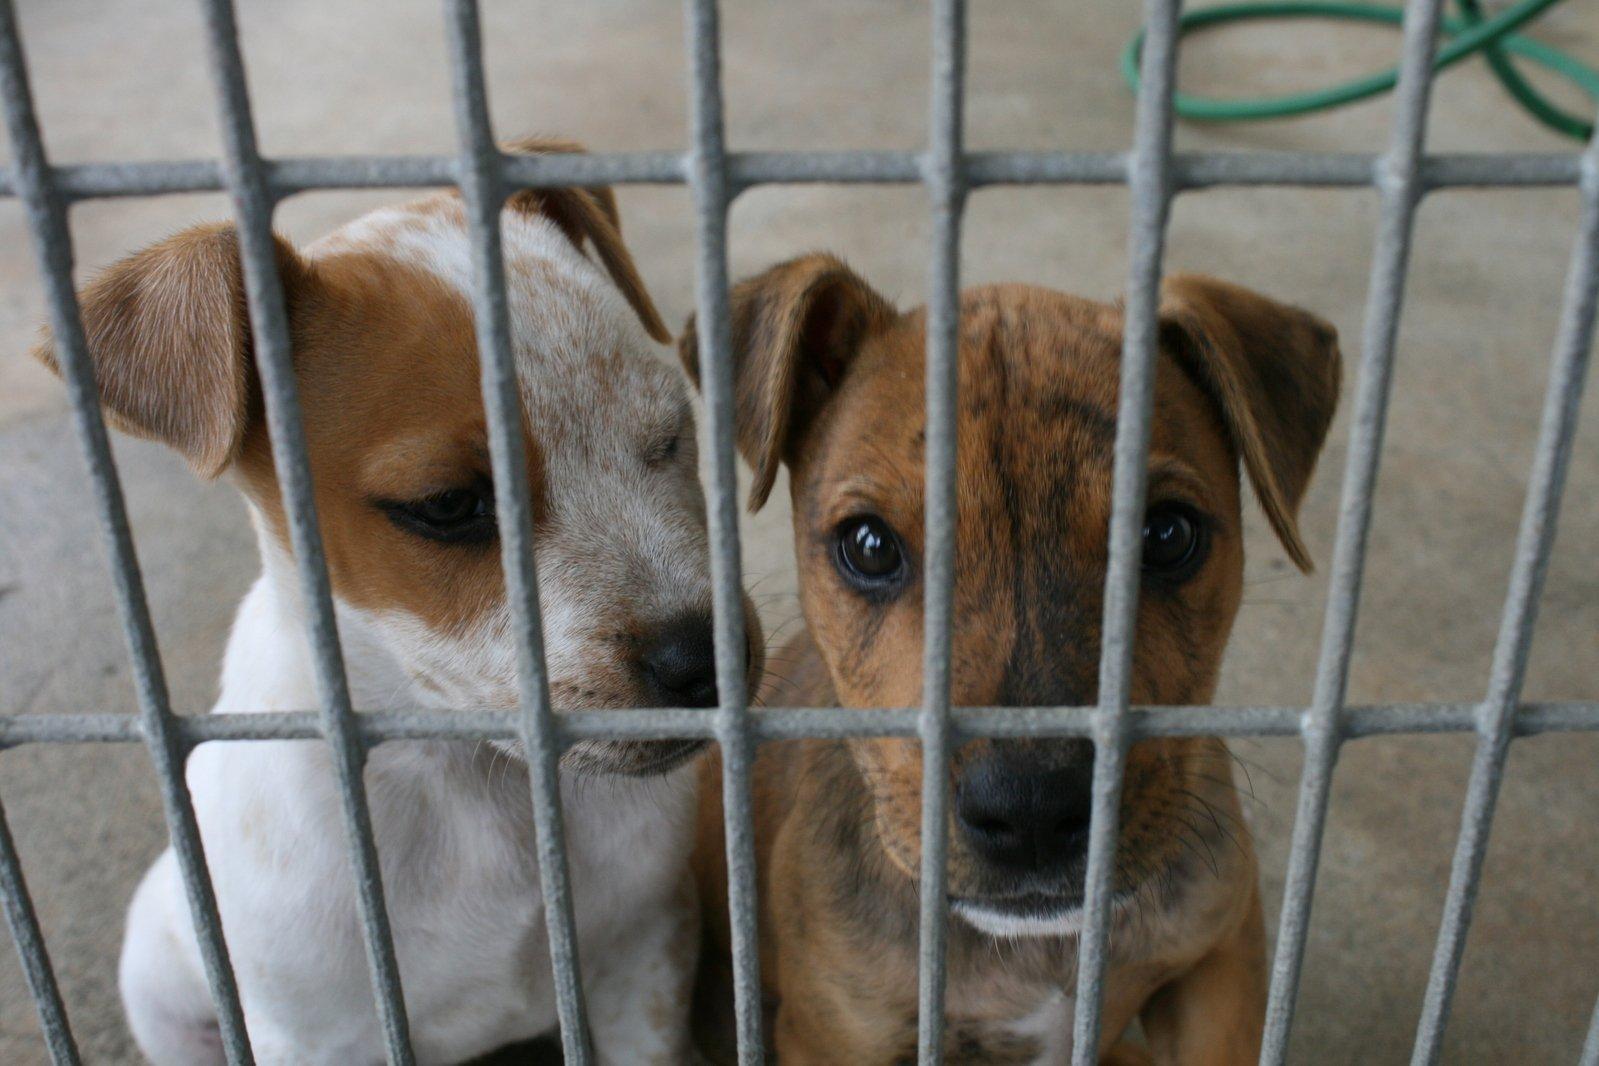 Karanténní stanice jako koncentrační tábor pro psy